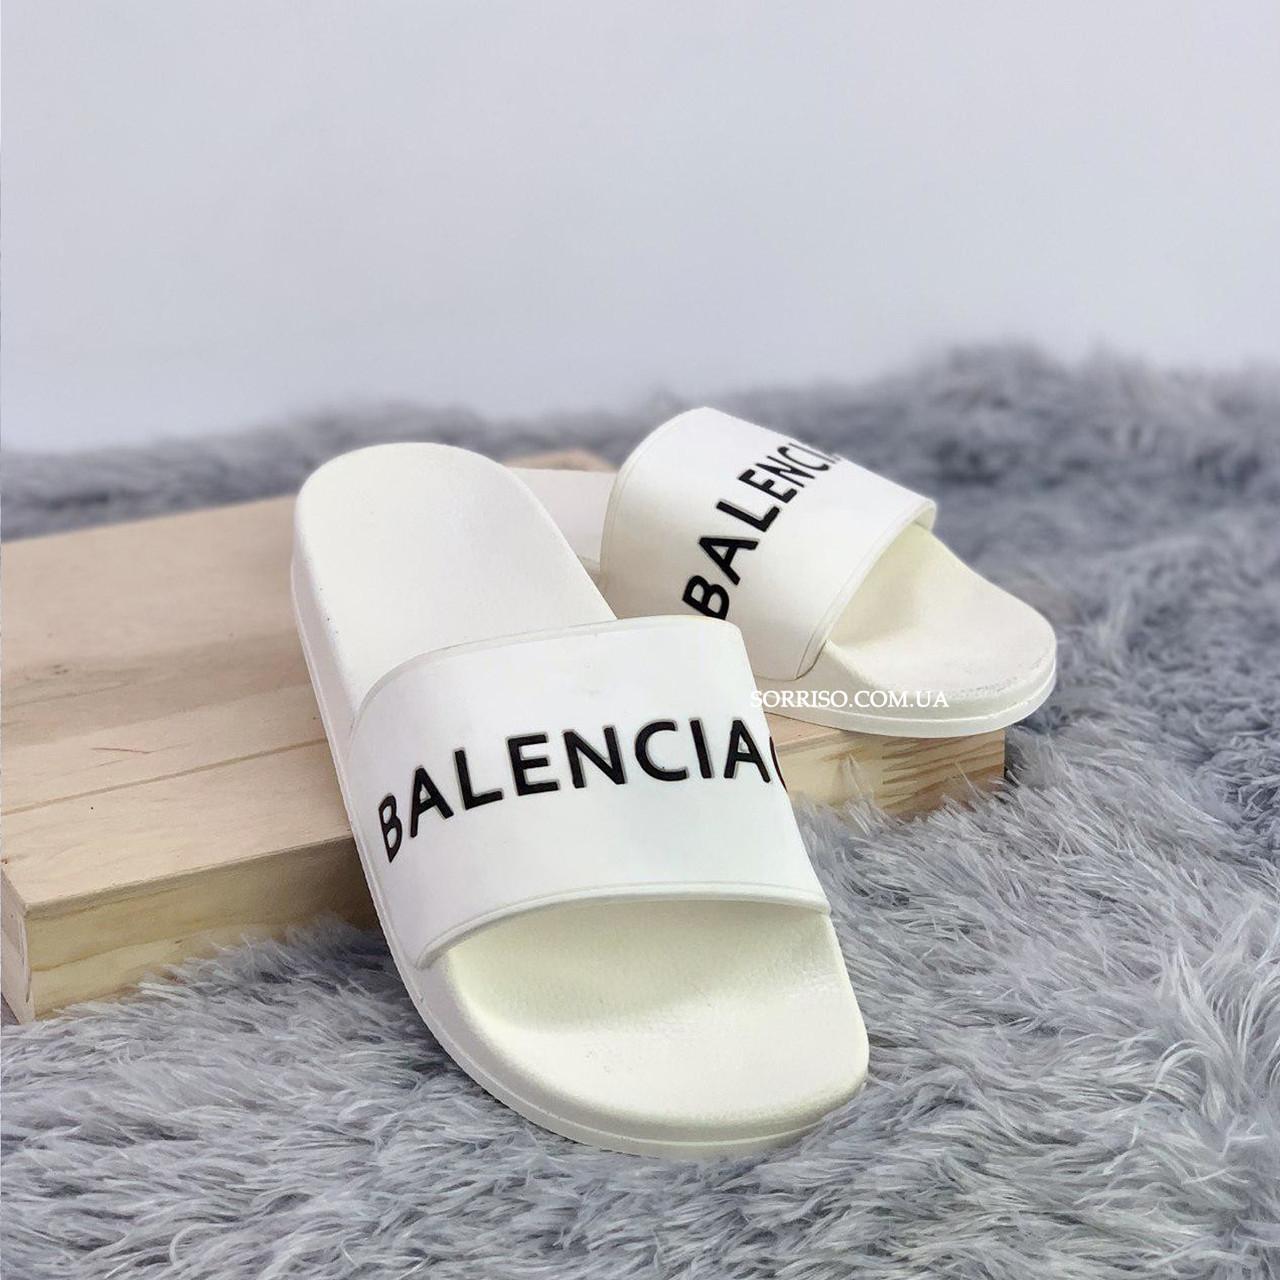 Шлепанцы, тапки, сланцы унисекс - Balenciaga White